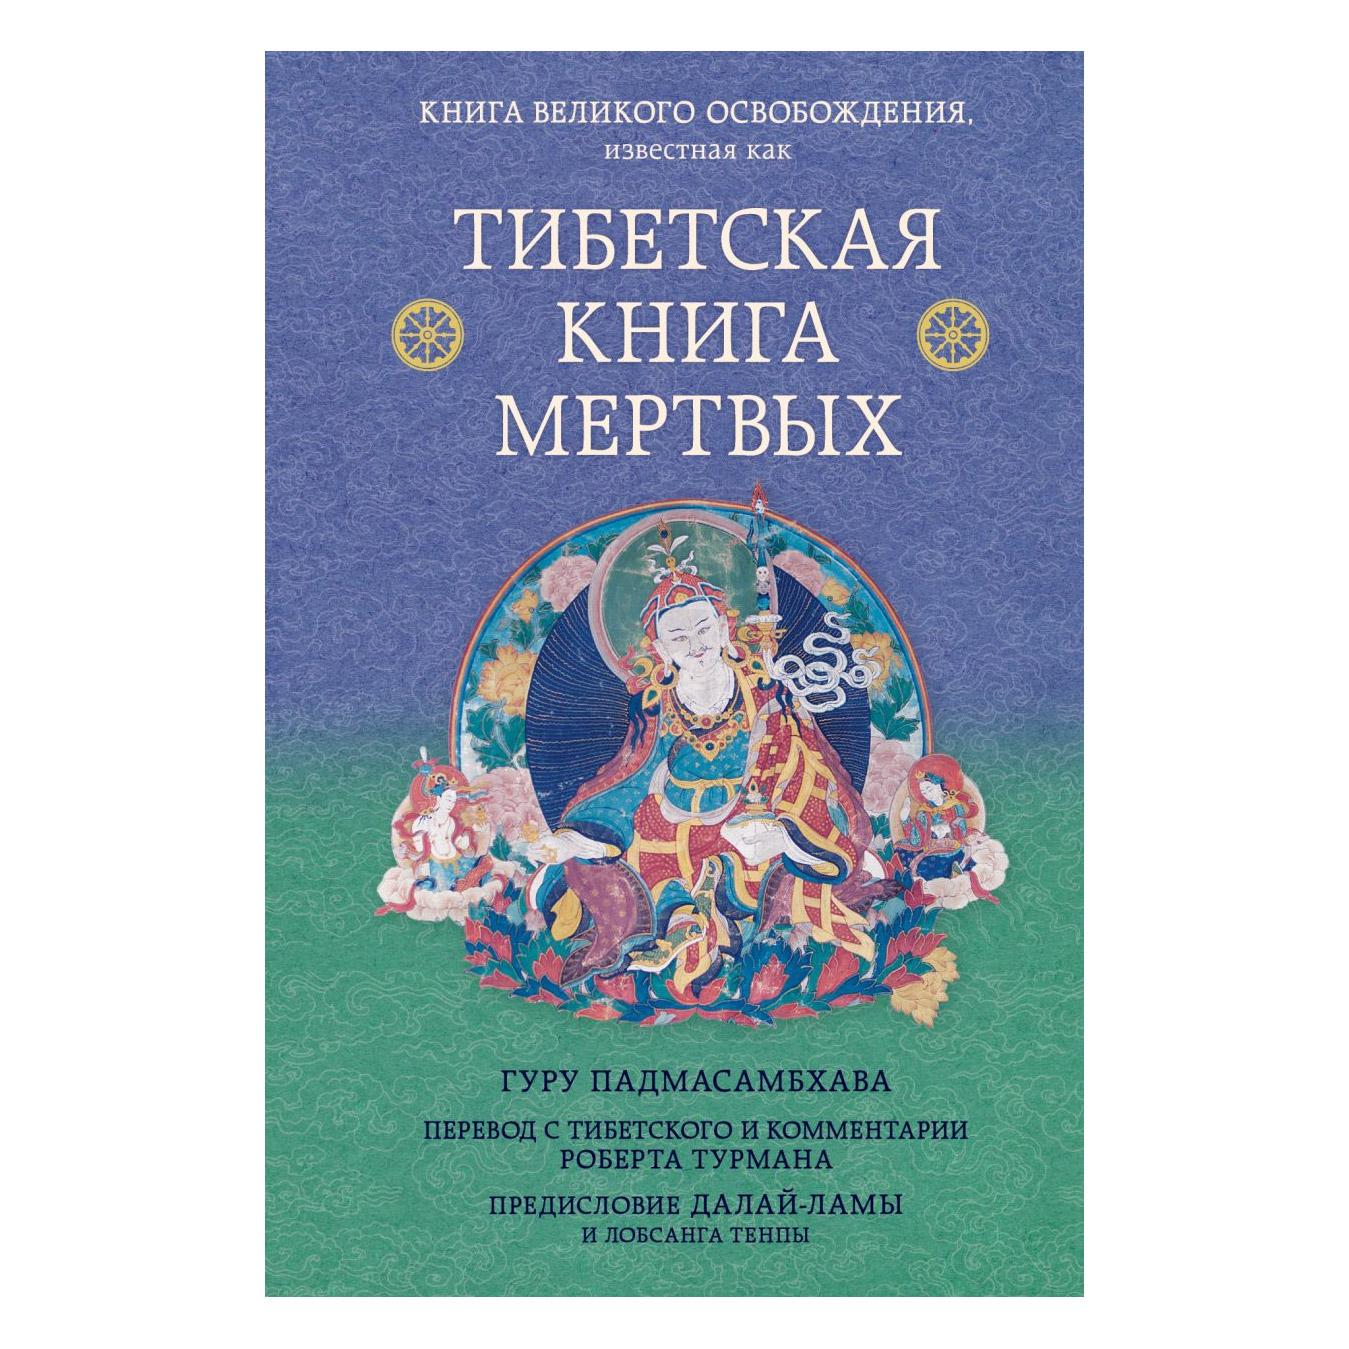 Книга Эксмо Тибетская Книга Эксмо мертвых